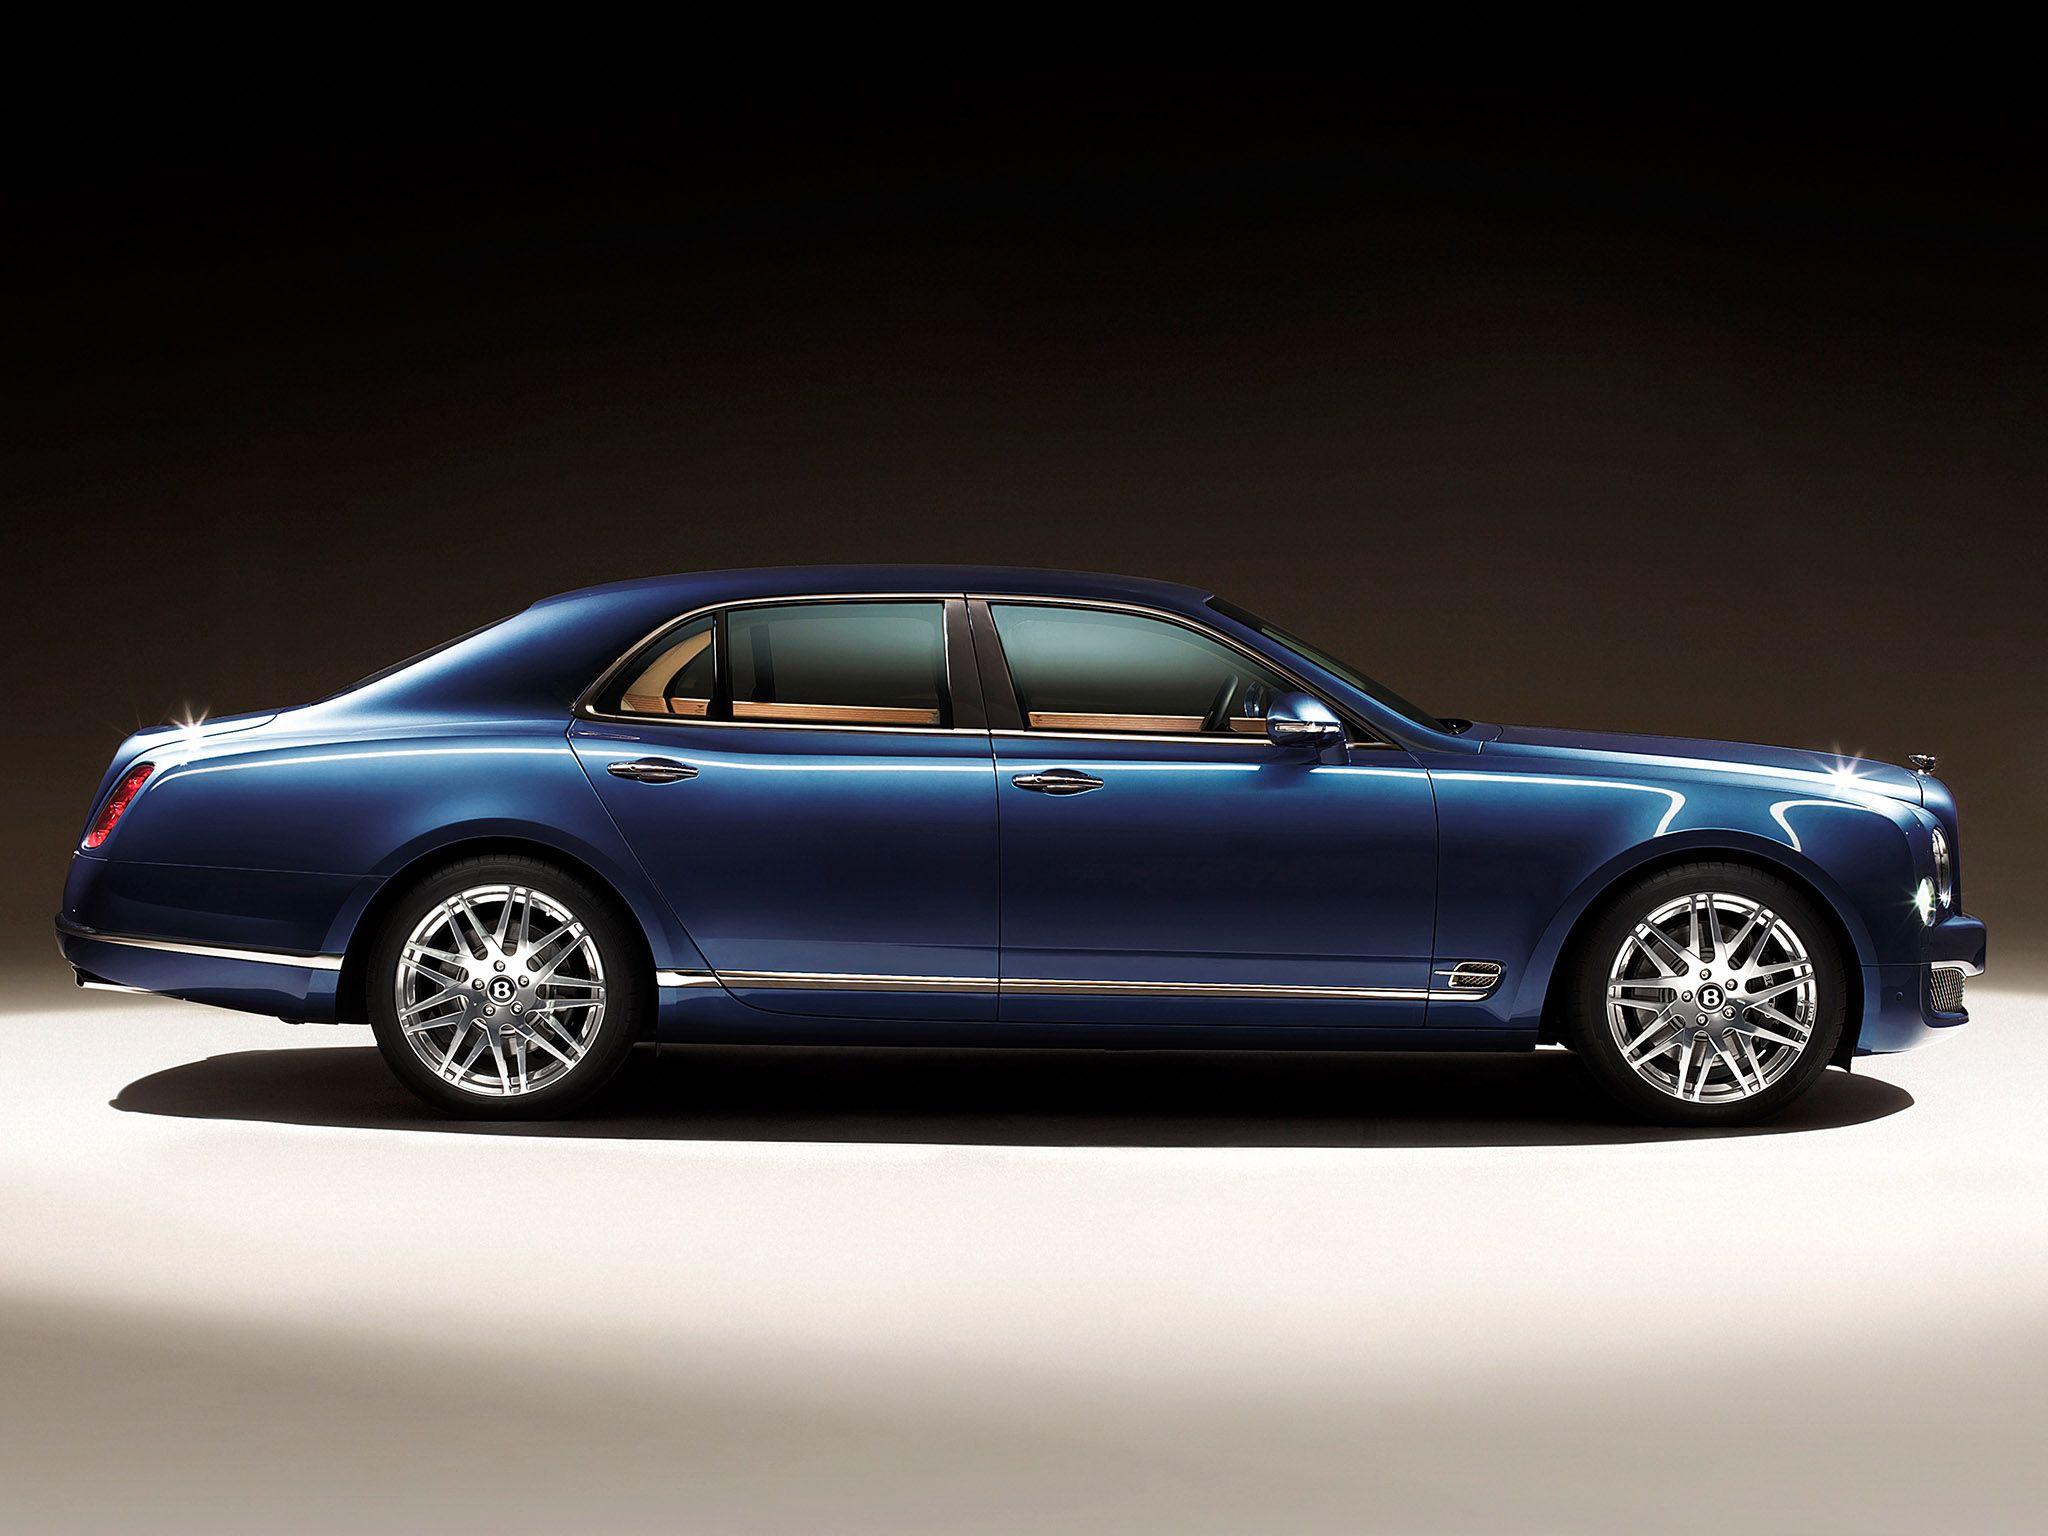 Bentley-Mulsanne-Executive-Interior-2012